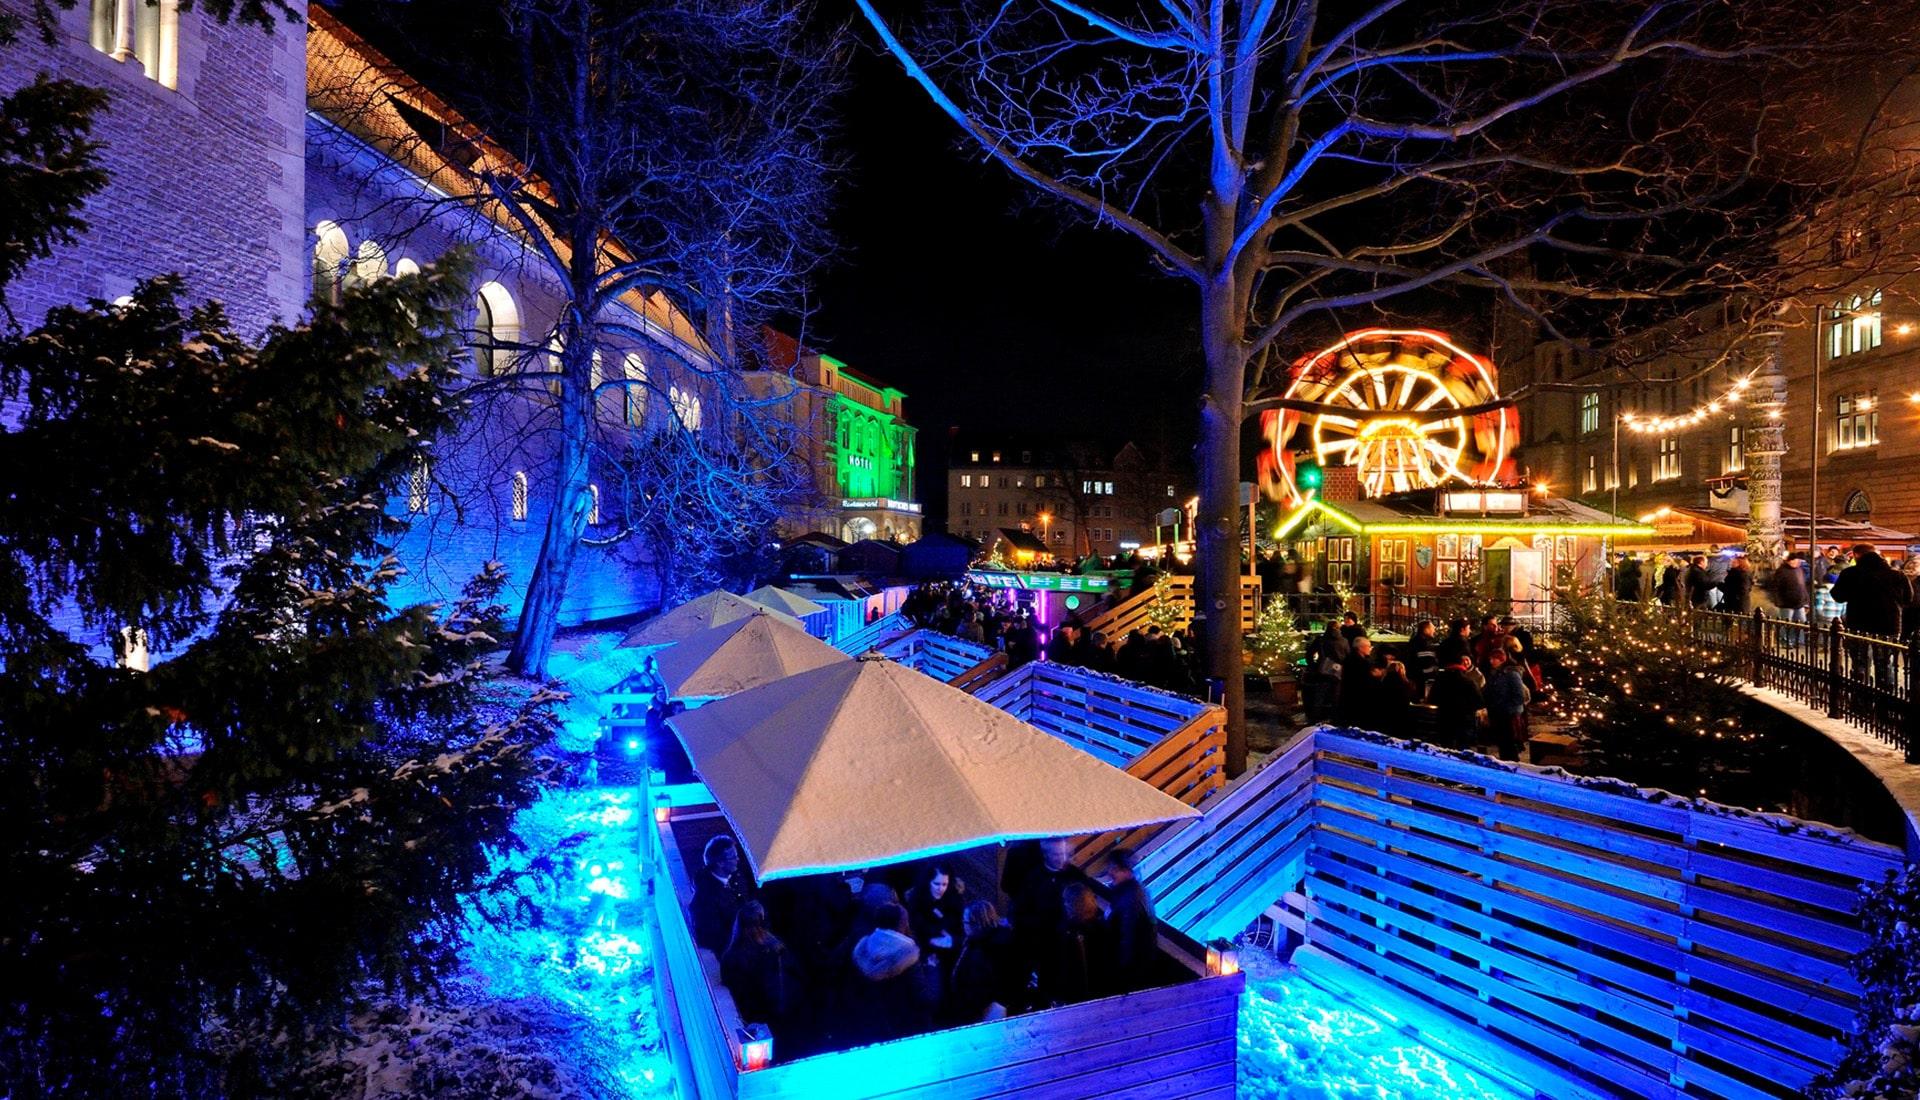 Eventplanung Weihnachtsmarkt Braunschweig Stadt Marketing   Eventbau   Maedebach Braunschweig  